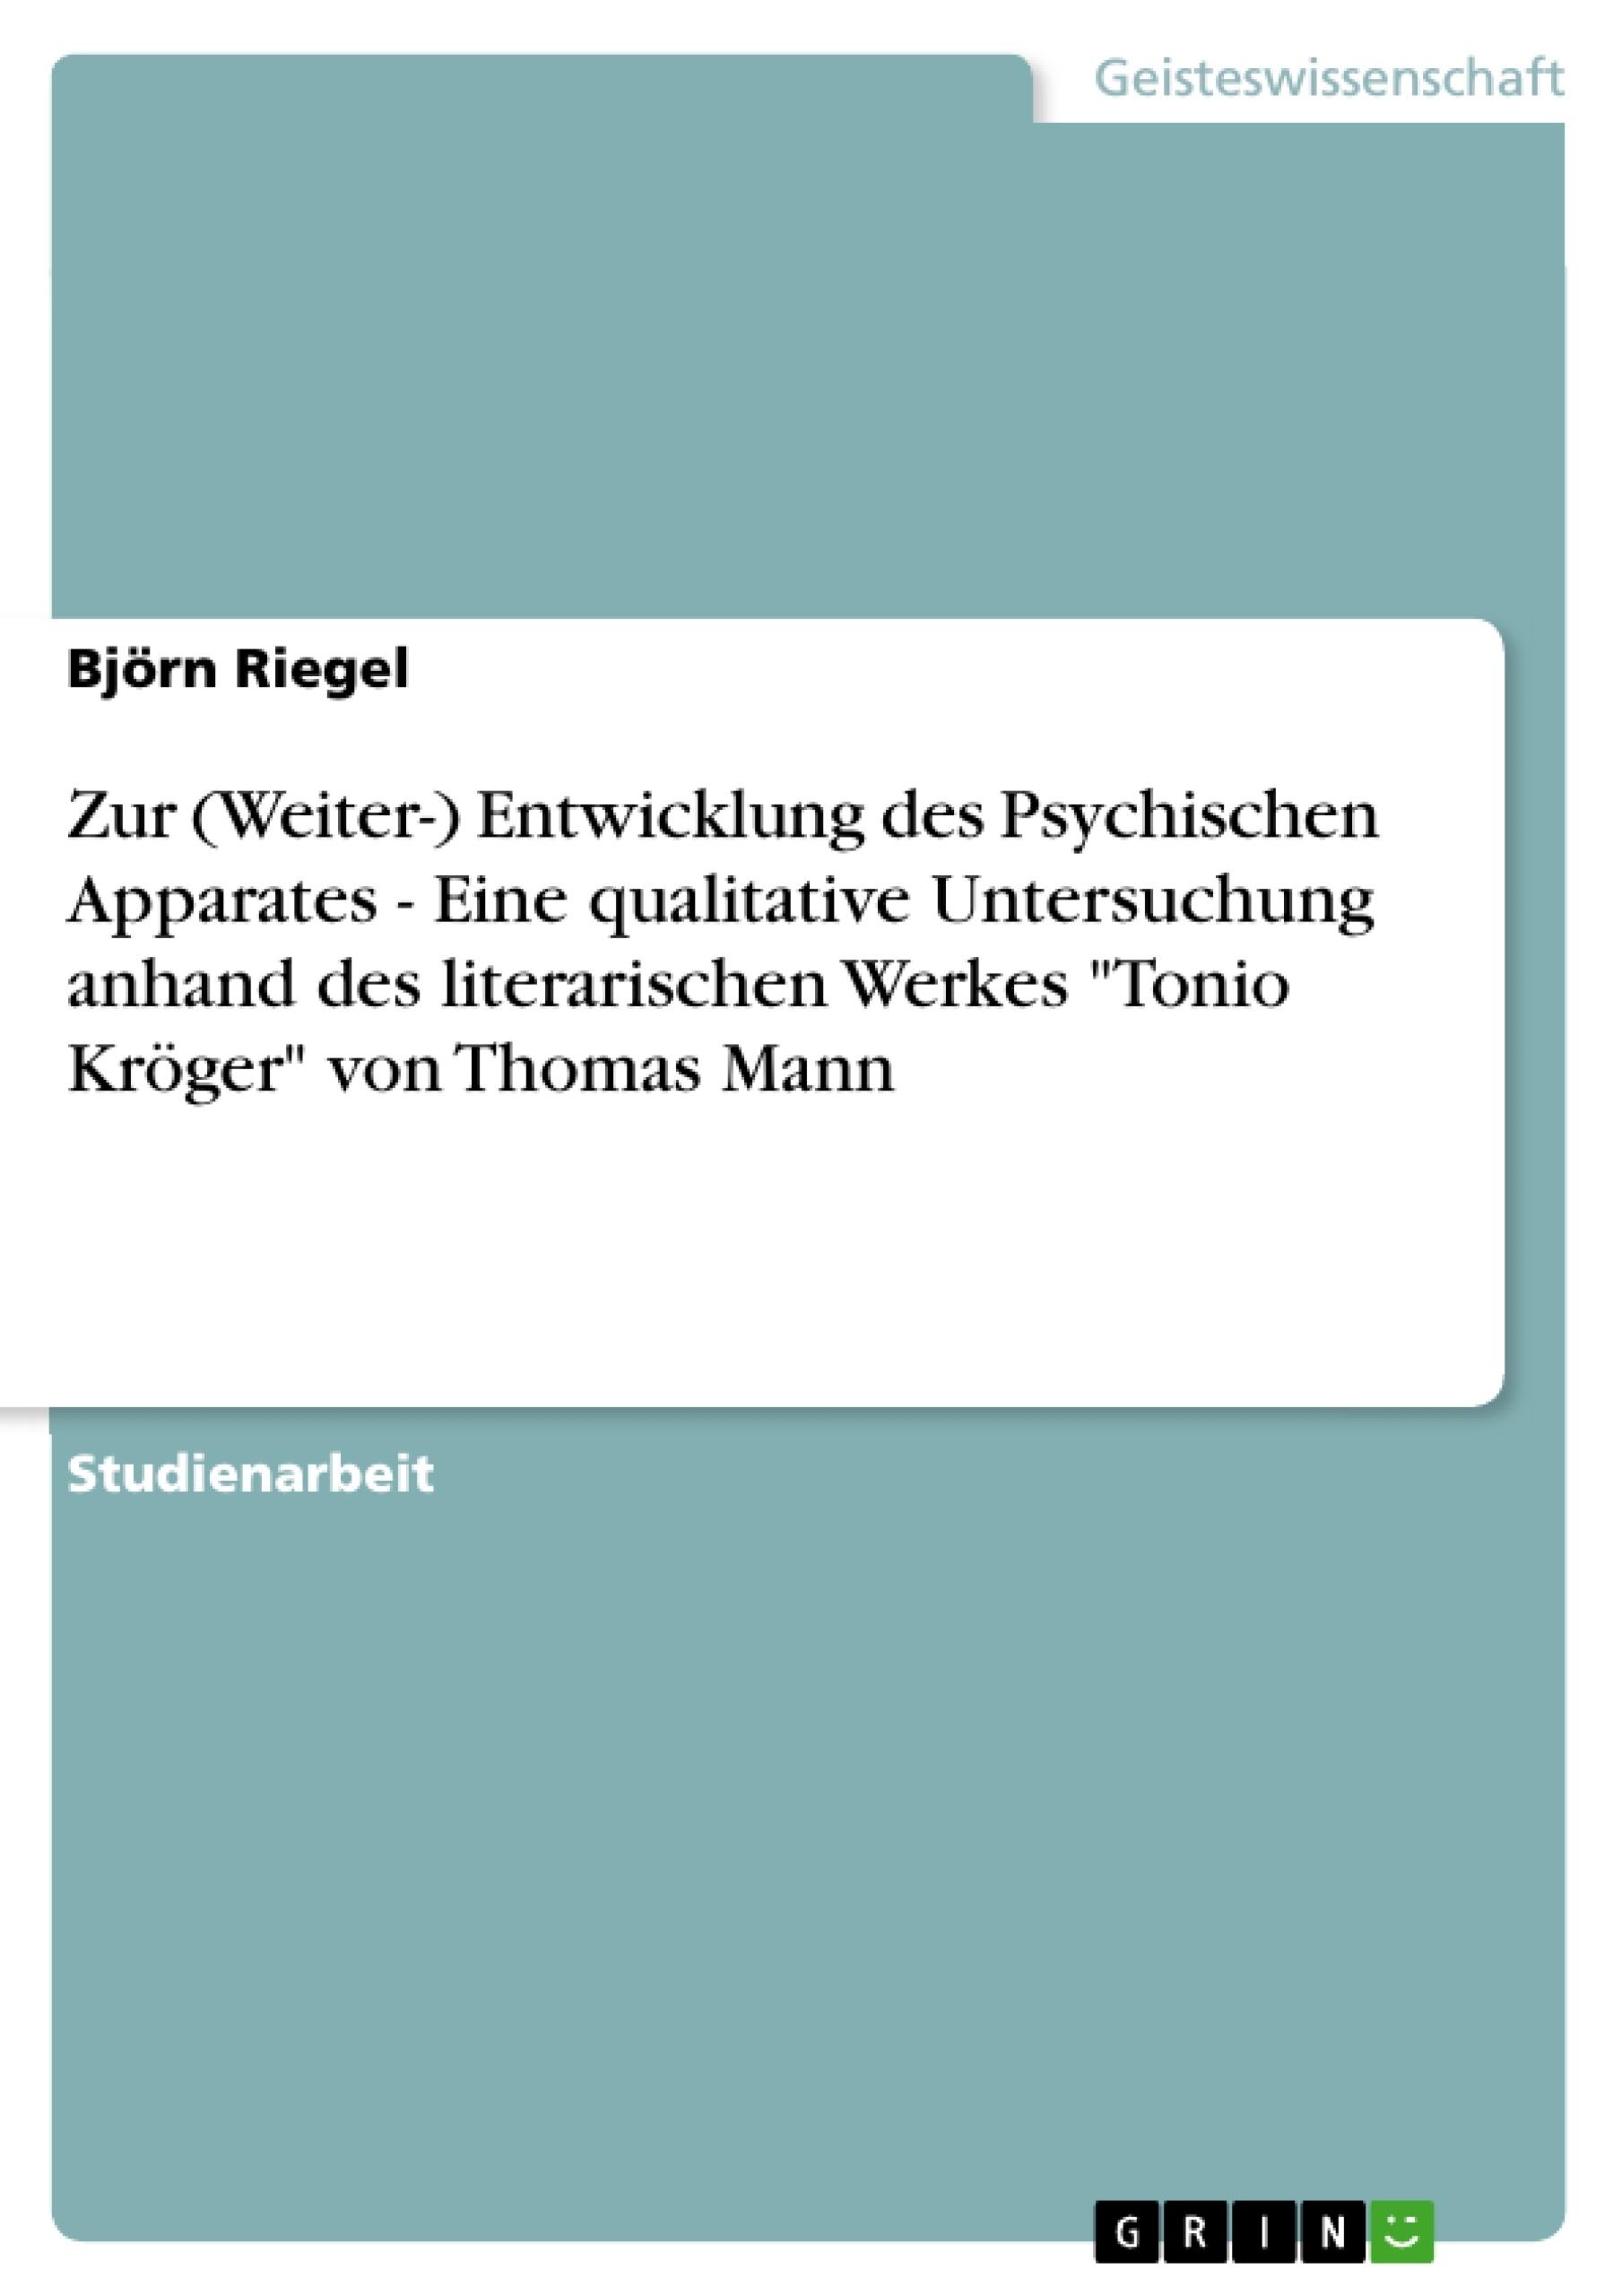 """Titel: Zur (Weiter-) Entwicklung des Psychischen Apparates - Eine qualitative Untersuchung anhand des literarischen Werkes """"Tonio Kröger"""" von Thomas Mann"""